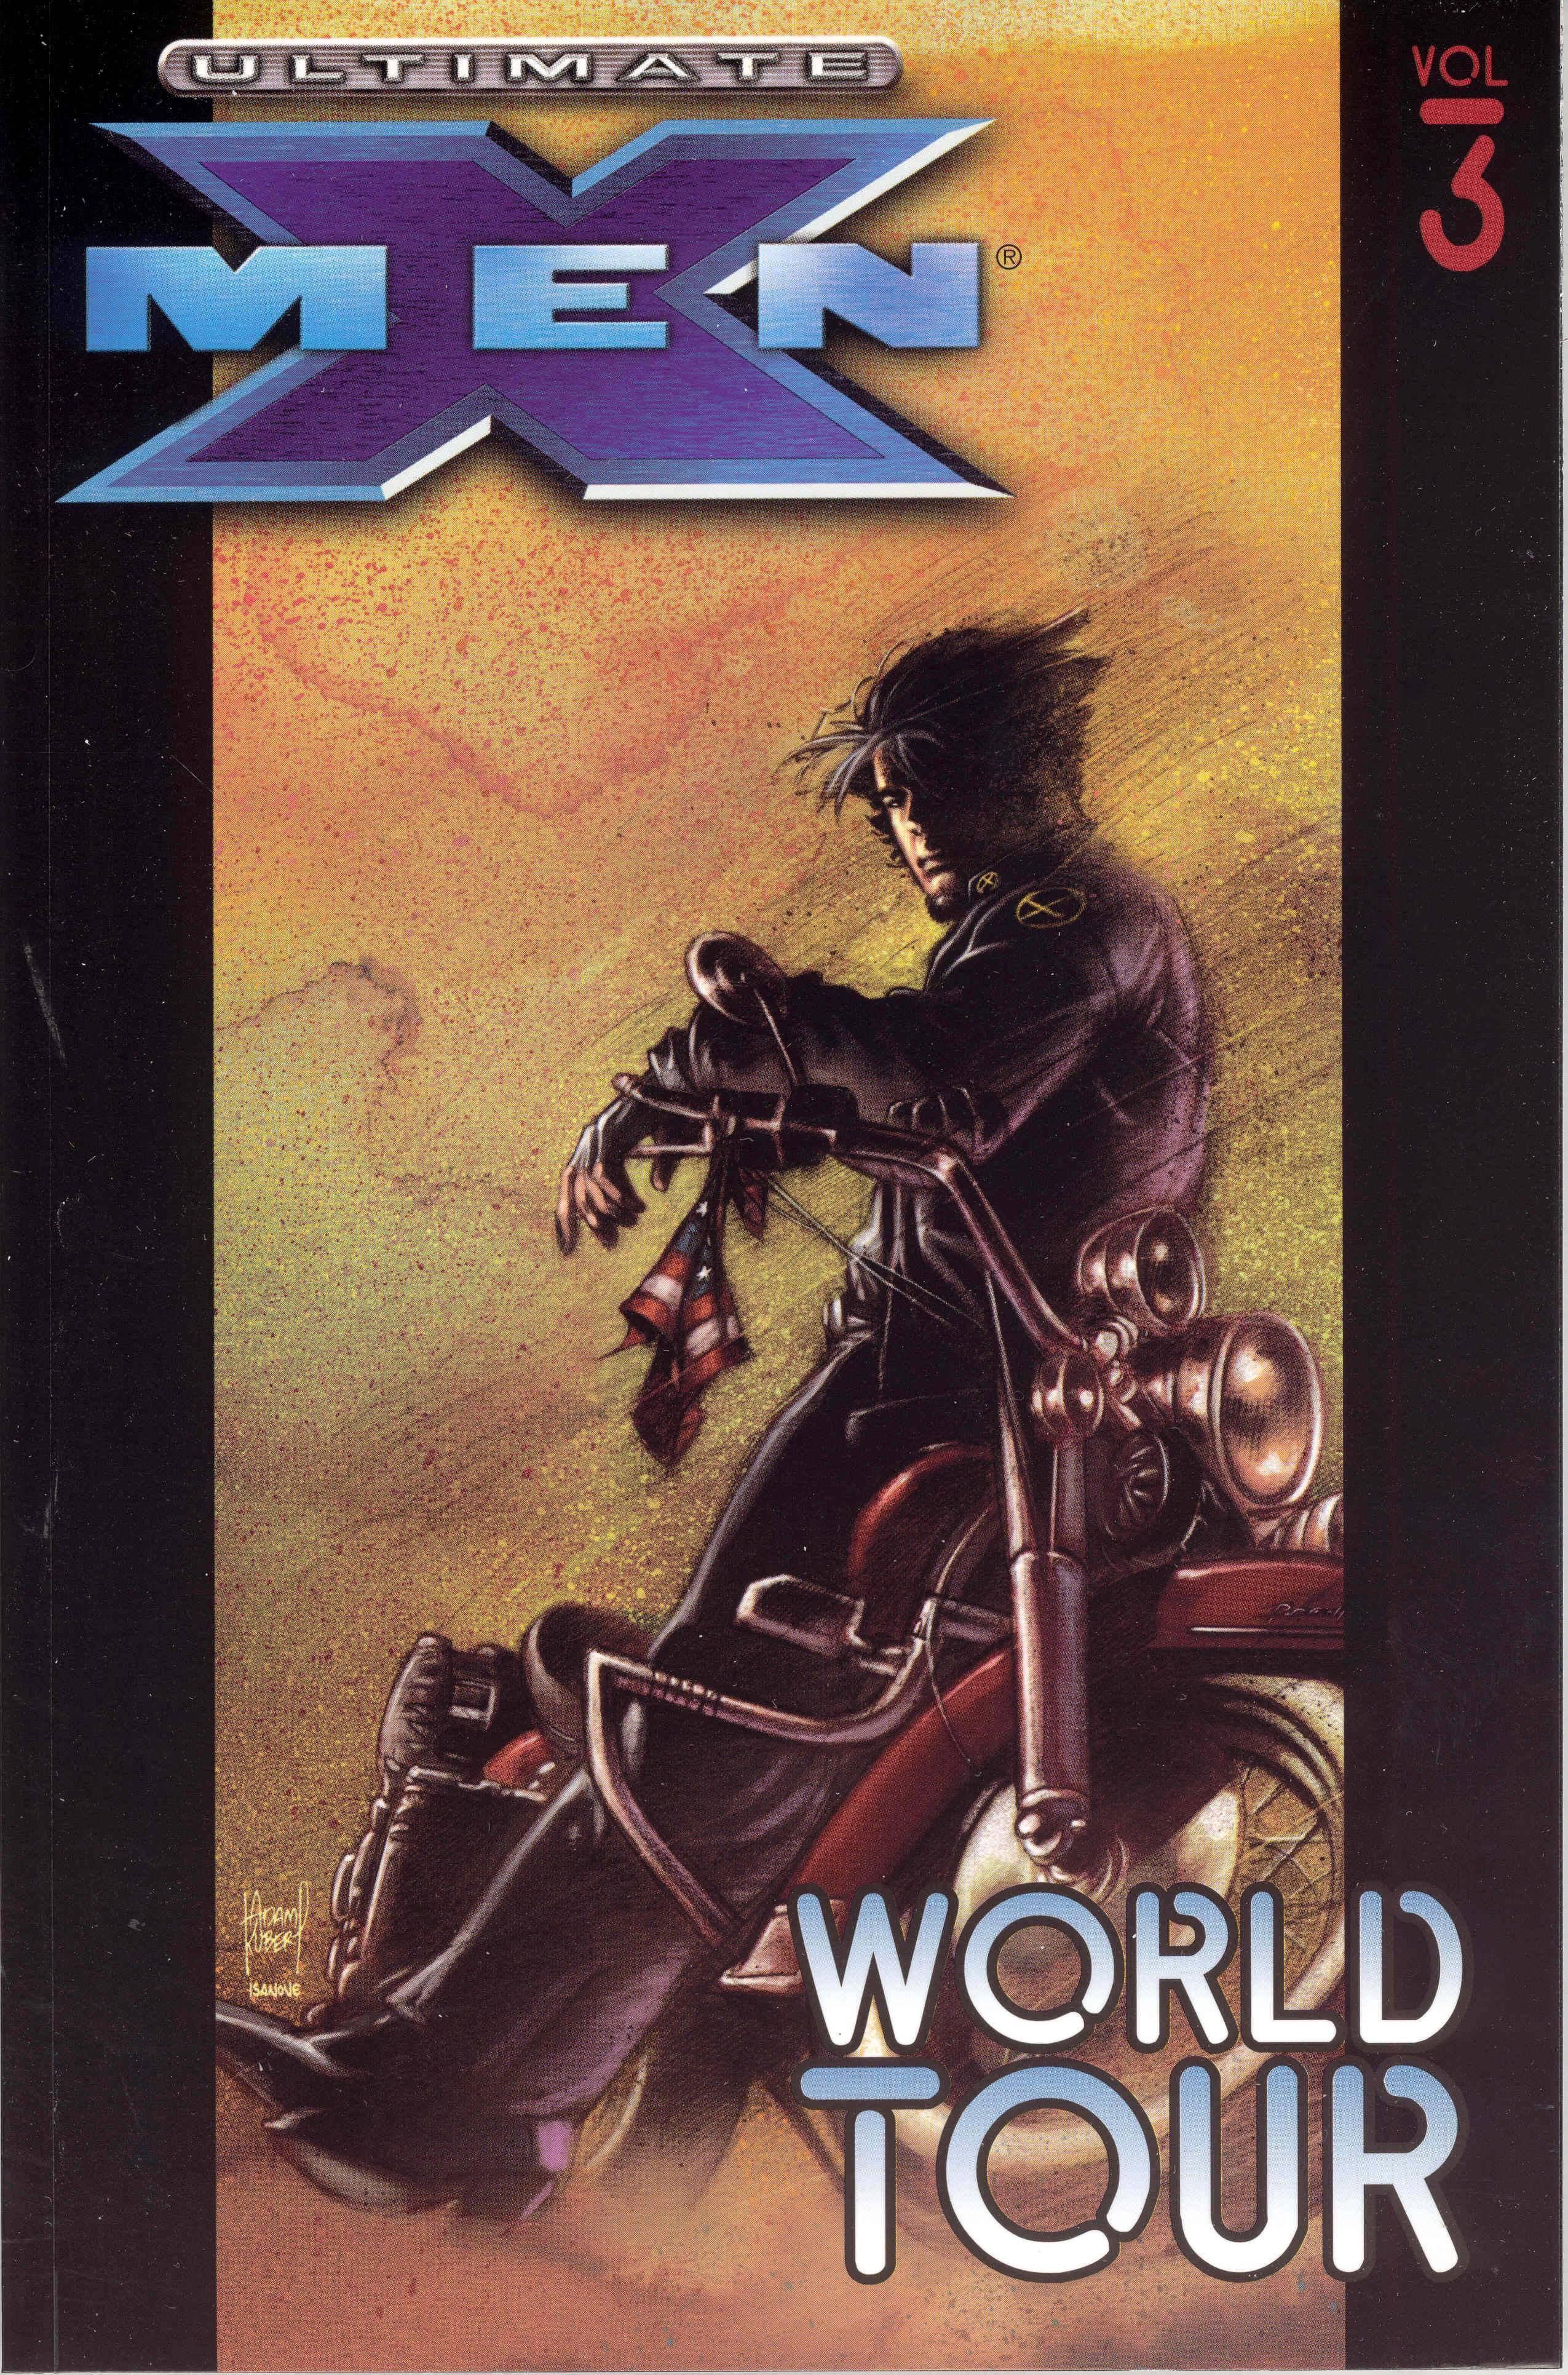 Ultimate X-Men TP Vol. 3 World Tour